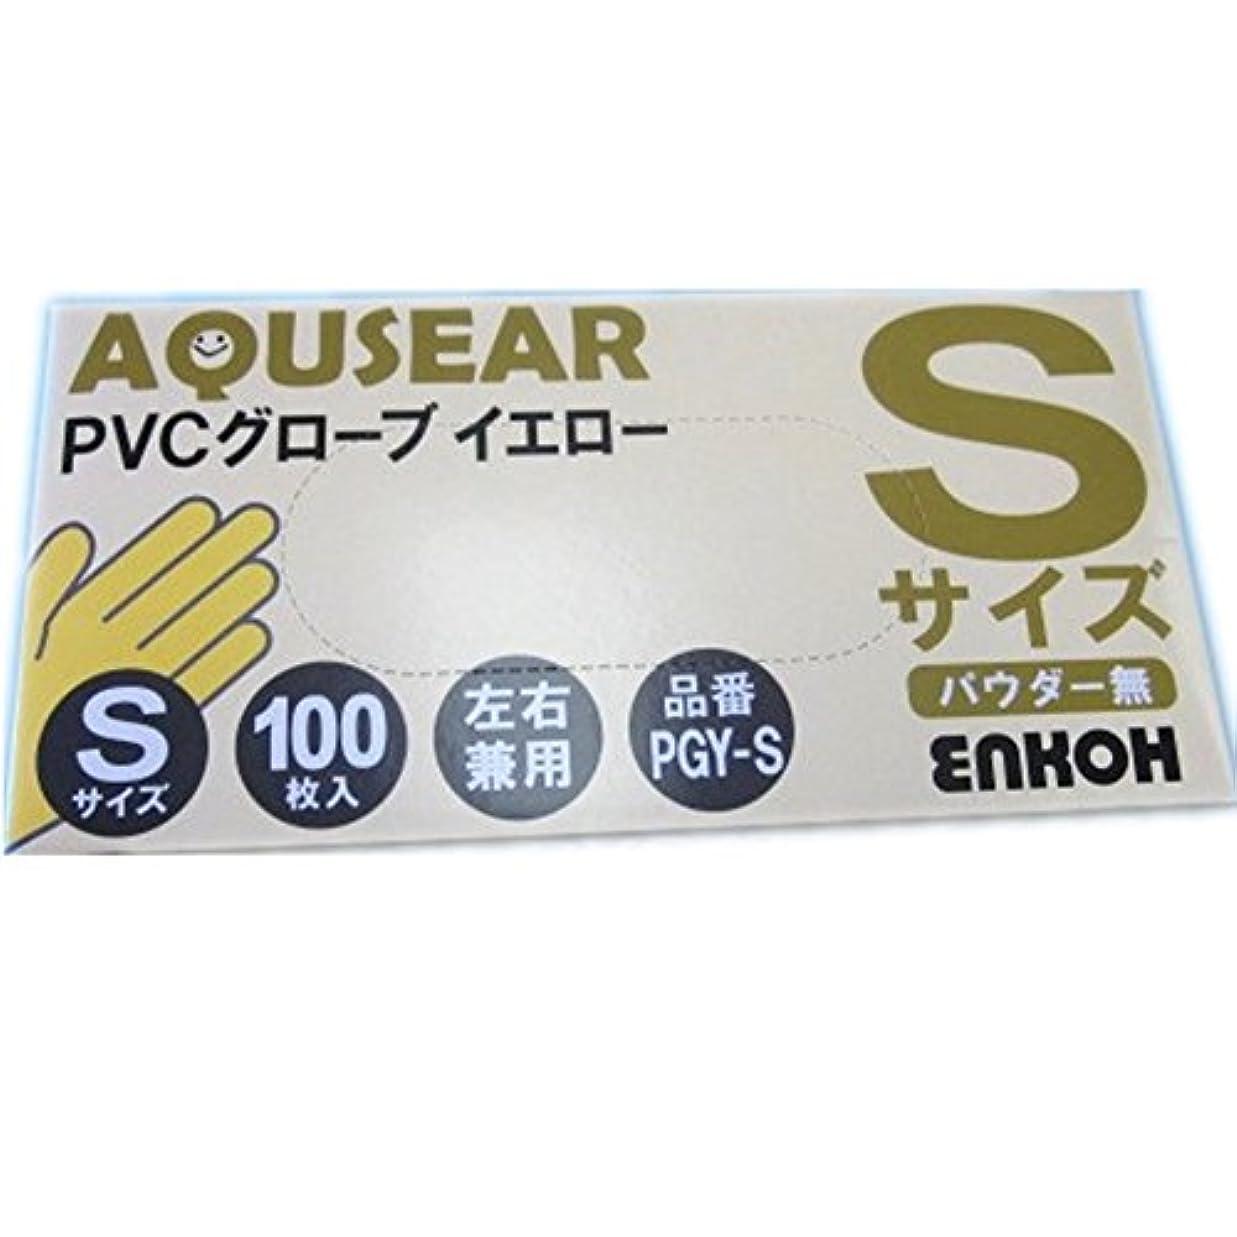 自治反乱タイヤAQUSEAR PVC プラスチックグローブ イエロー 弾性 Sサイズ パウダー無 PGY-S 100枚×20箱